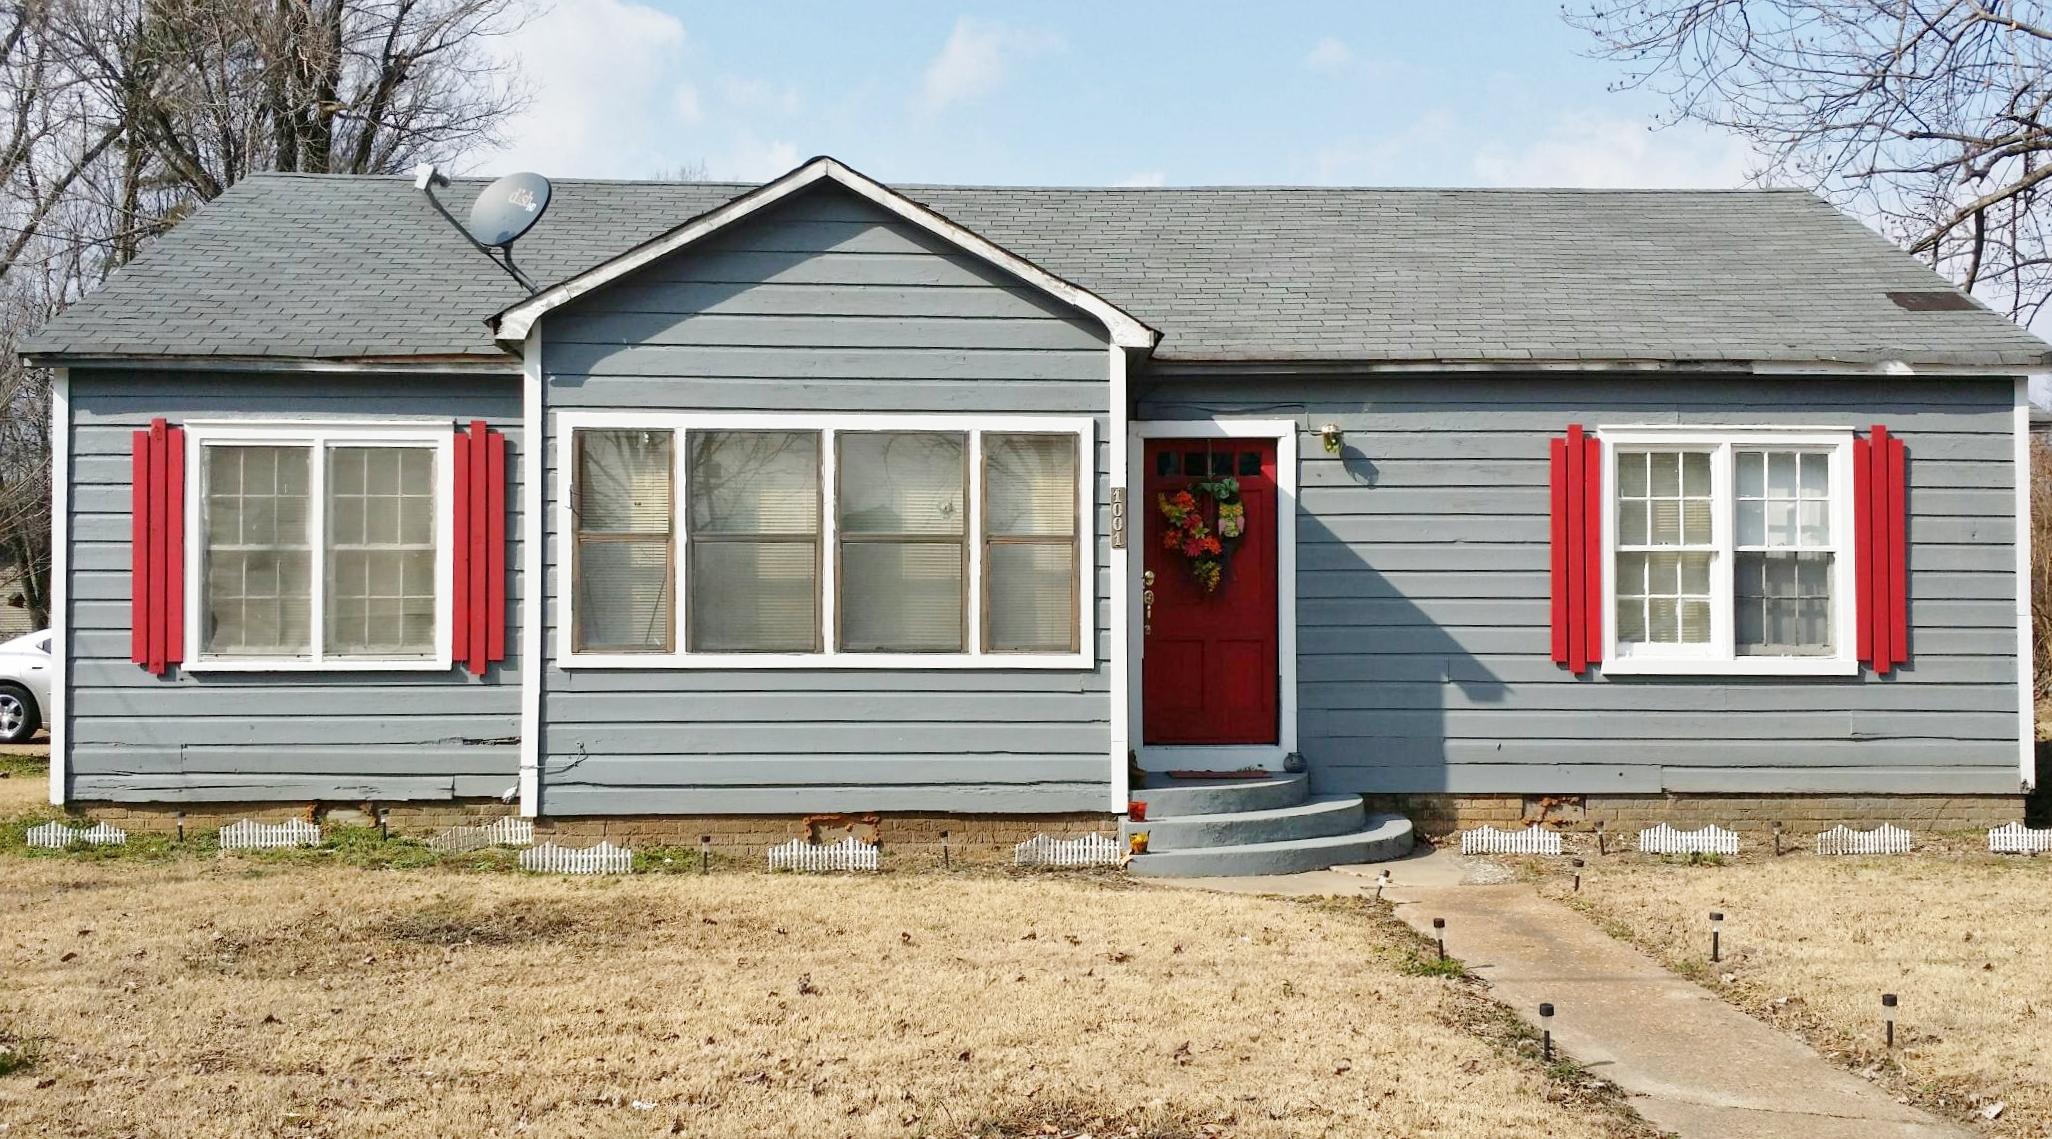 1001 N Hwy 67, Tuckerman, Arkansas 72473